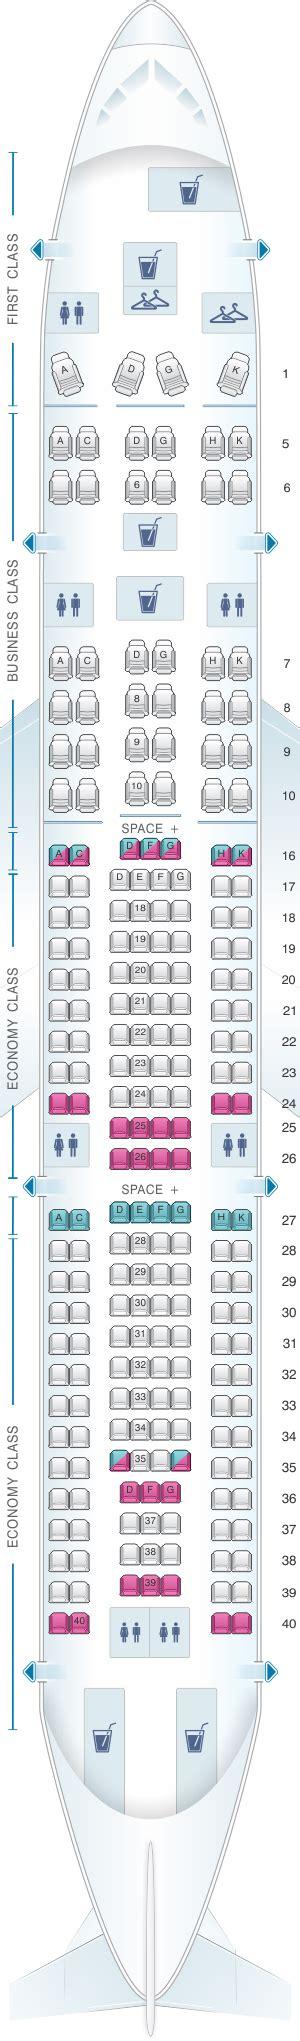 plan des sieges airbus a320 plan de cabine latam airlines brasil airbus a330 200